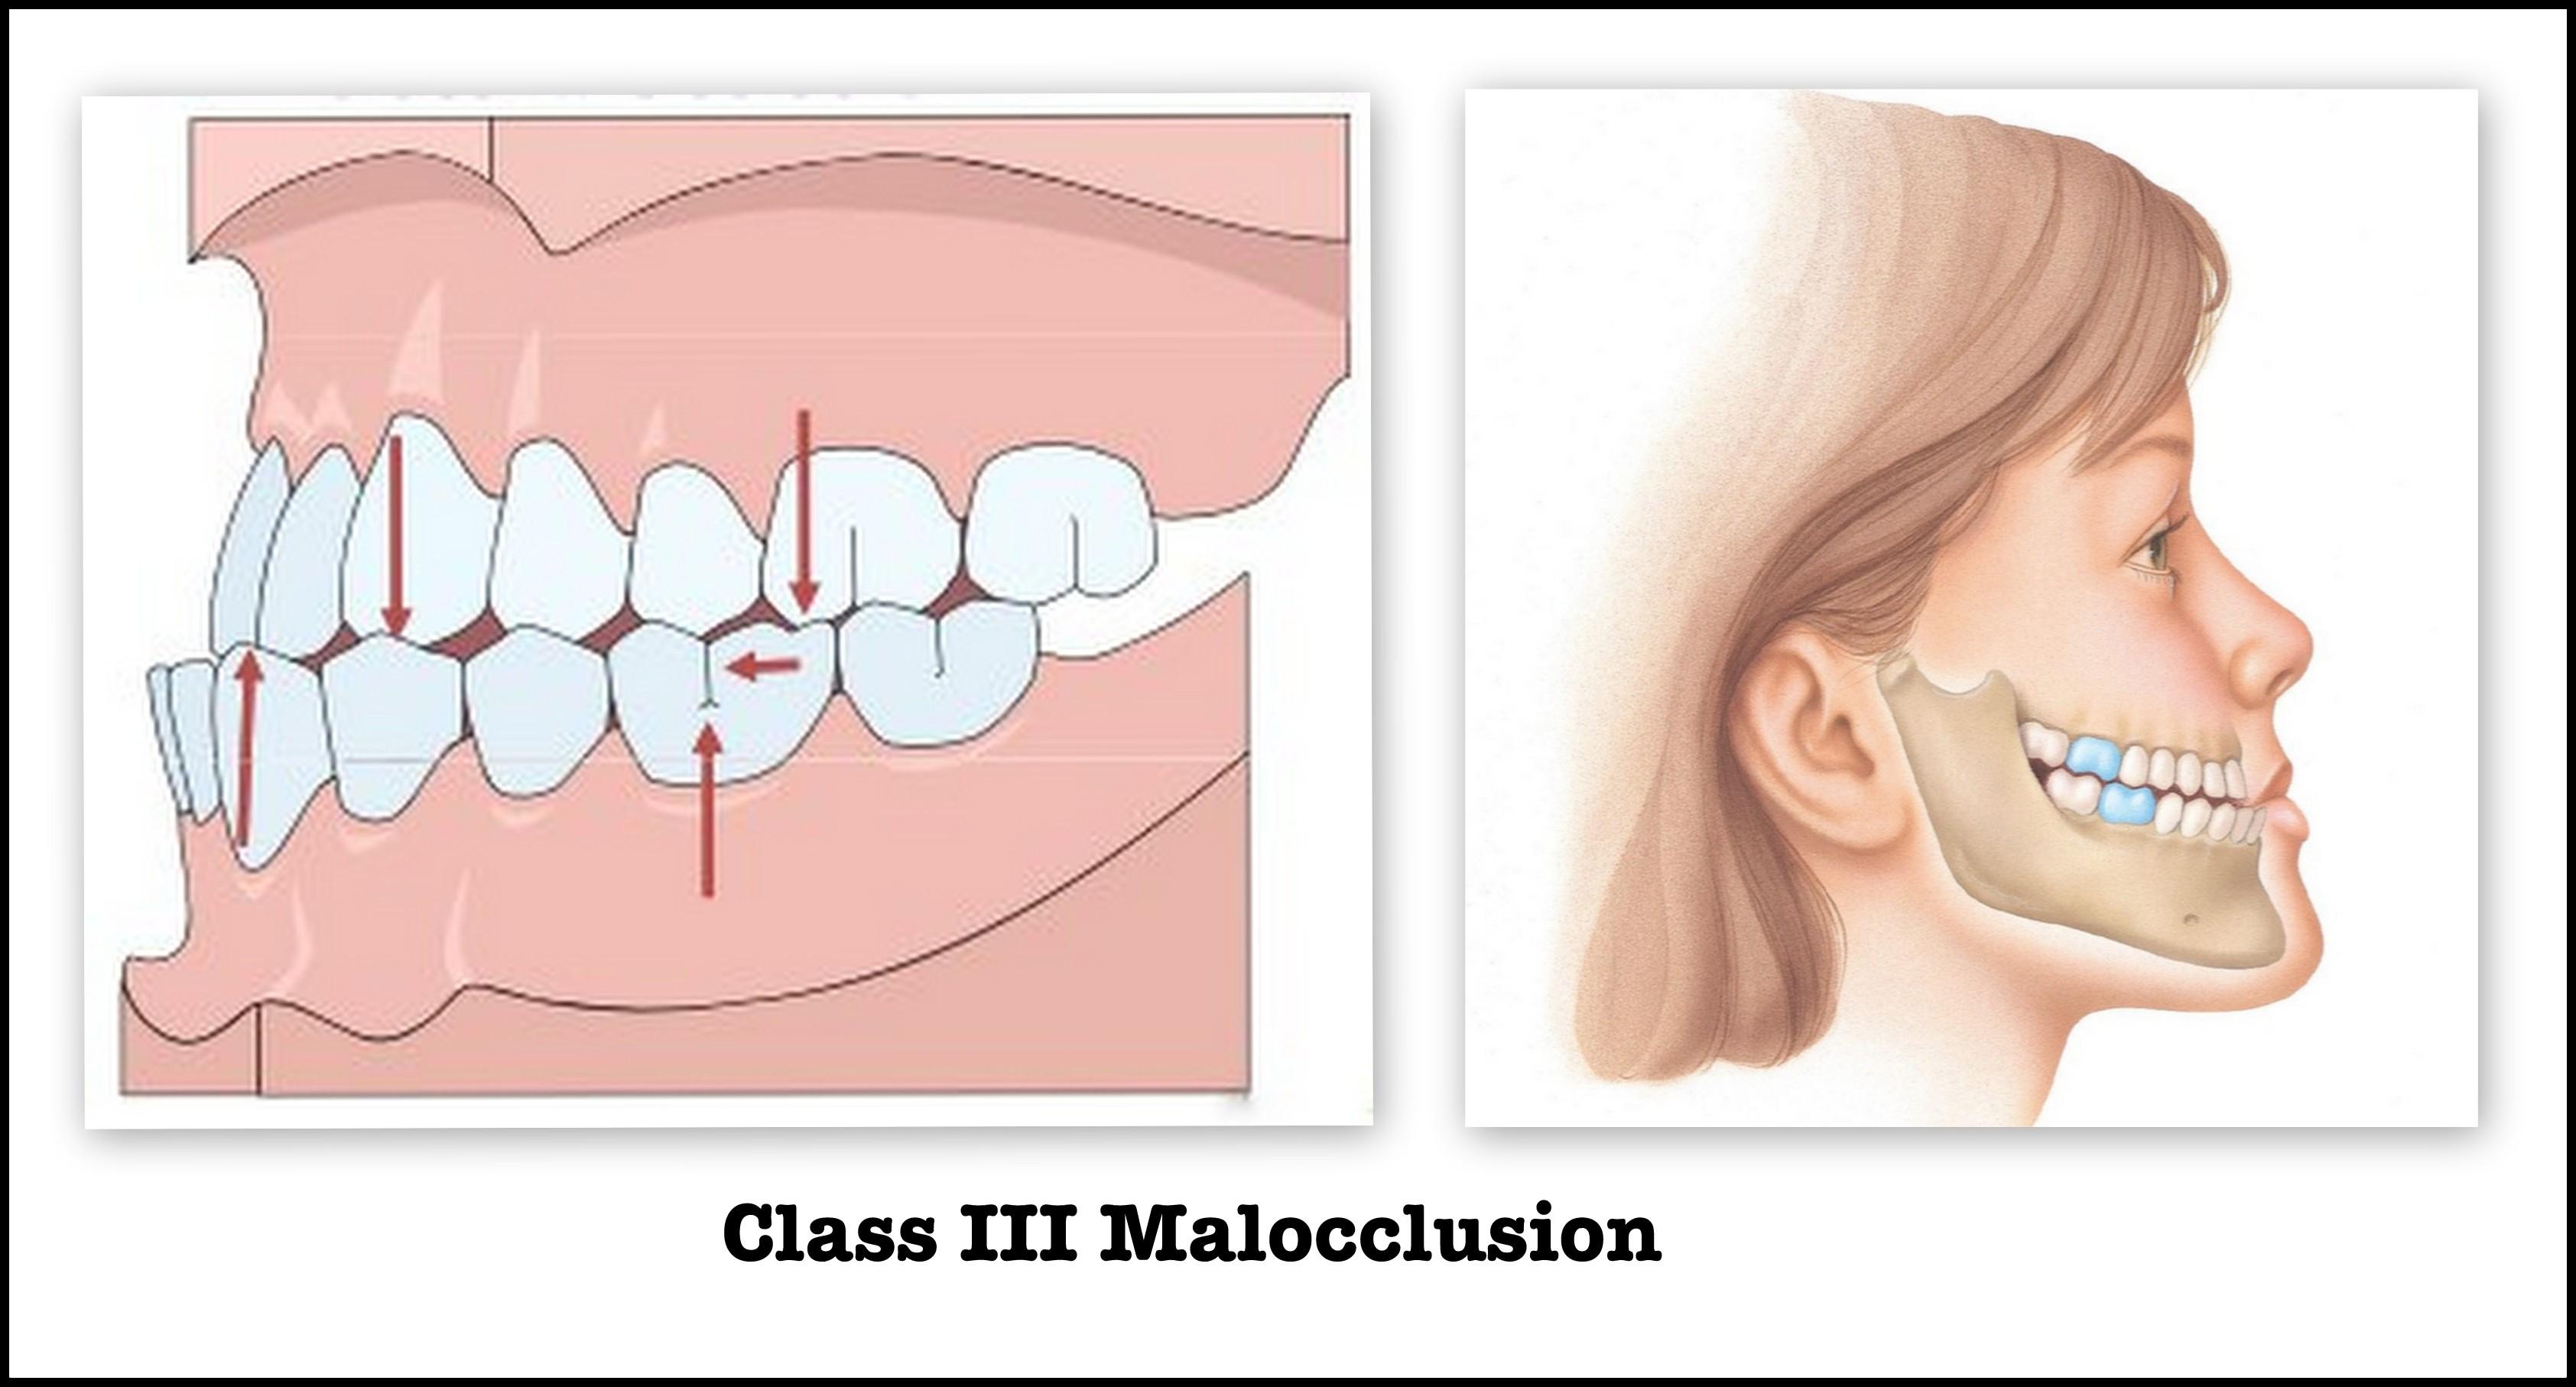 malocclusione-iii-classe-studio-rosato